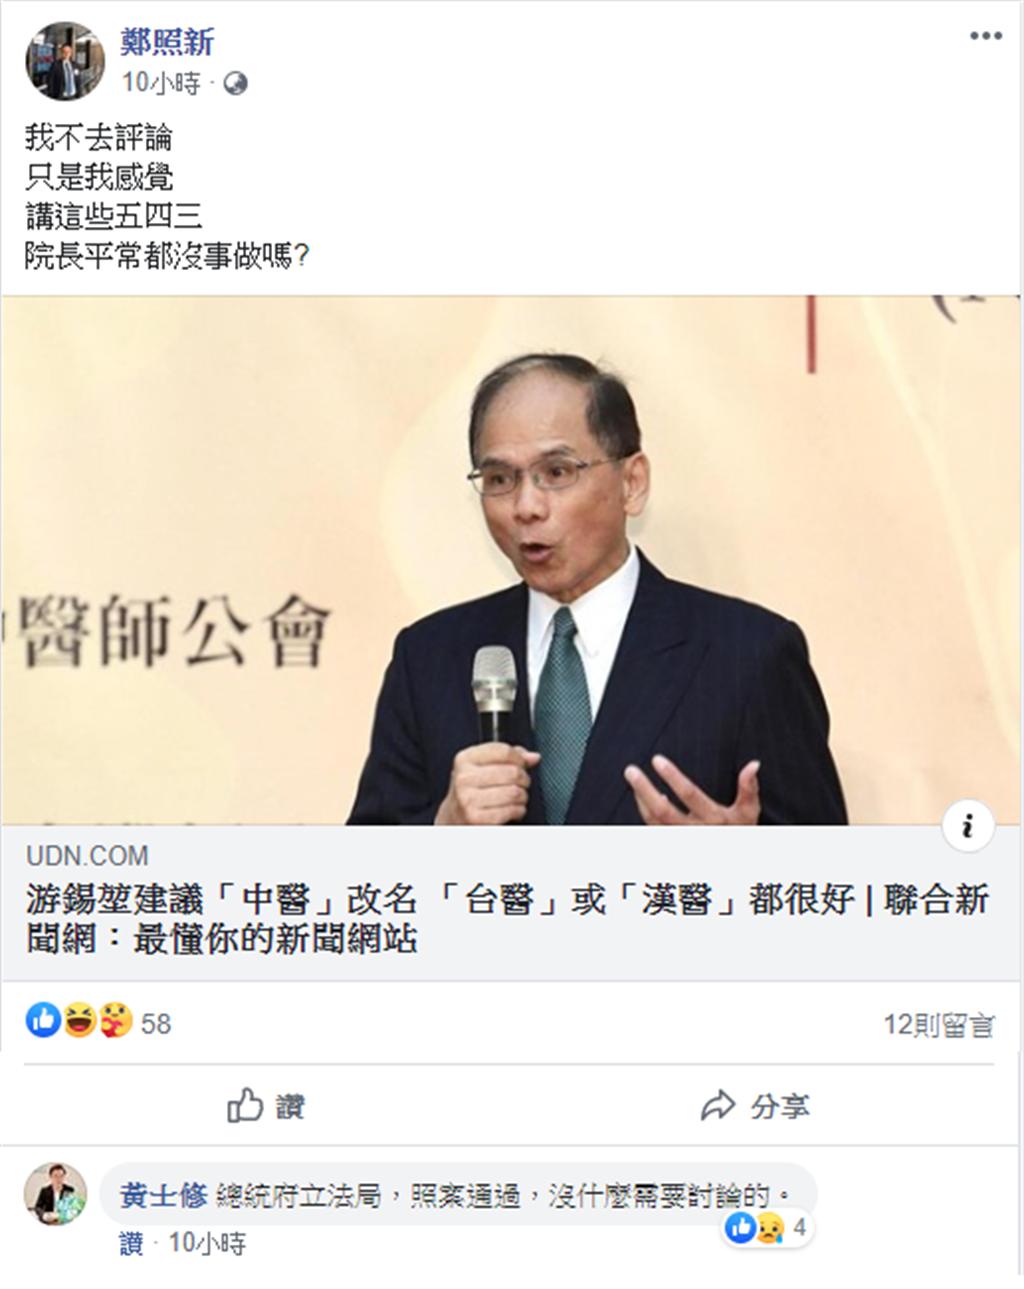 前高雄市政府新聞局長 鄭照新臉書Po文。(圖/翻攝自 鄭照新臉書)